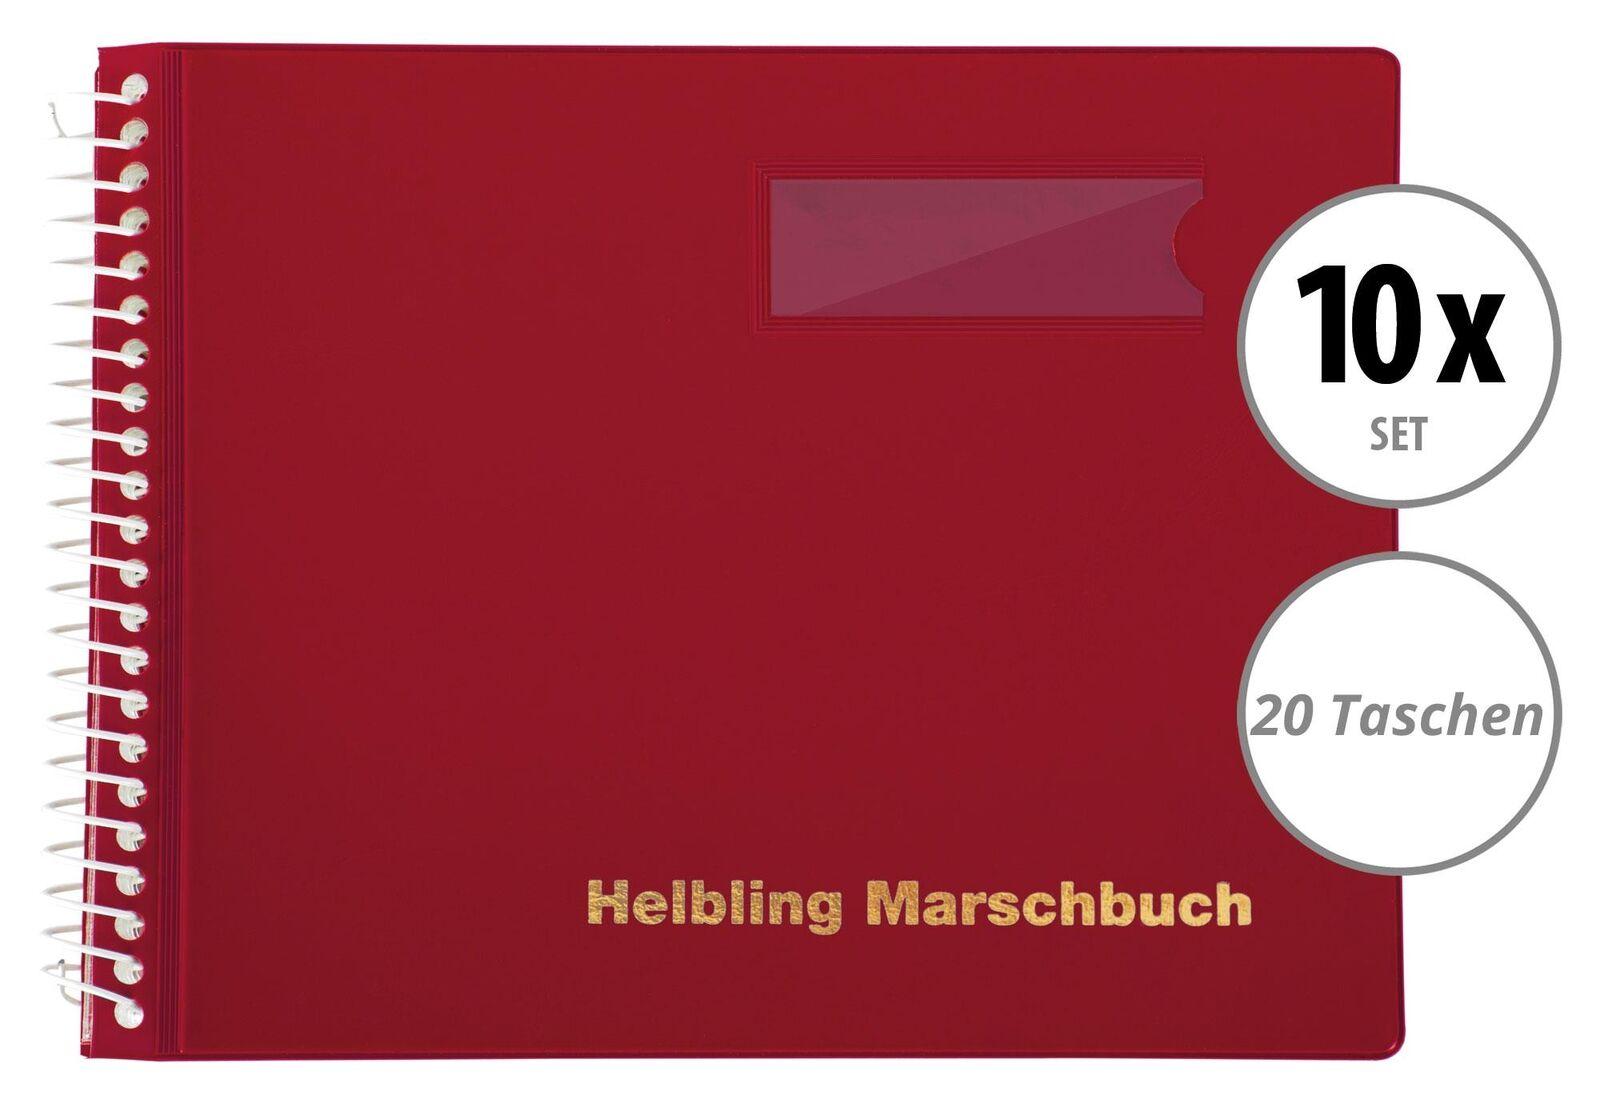 10x Helbling BMR20 Marschbuch rot 20 Taschen Marsch Noten Mappe Musik Spirale